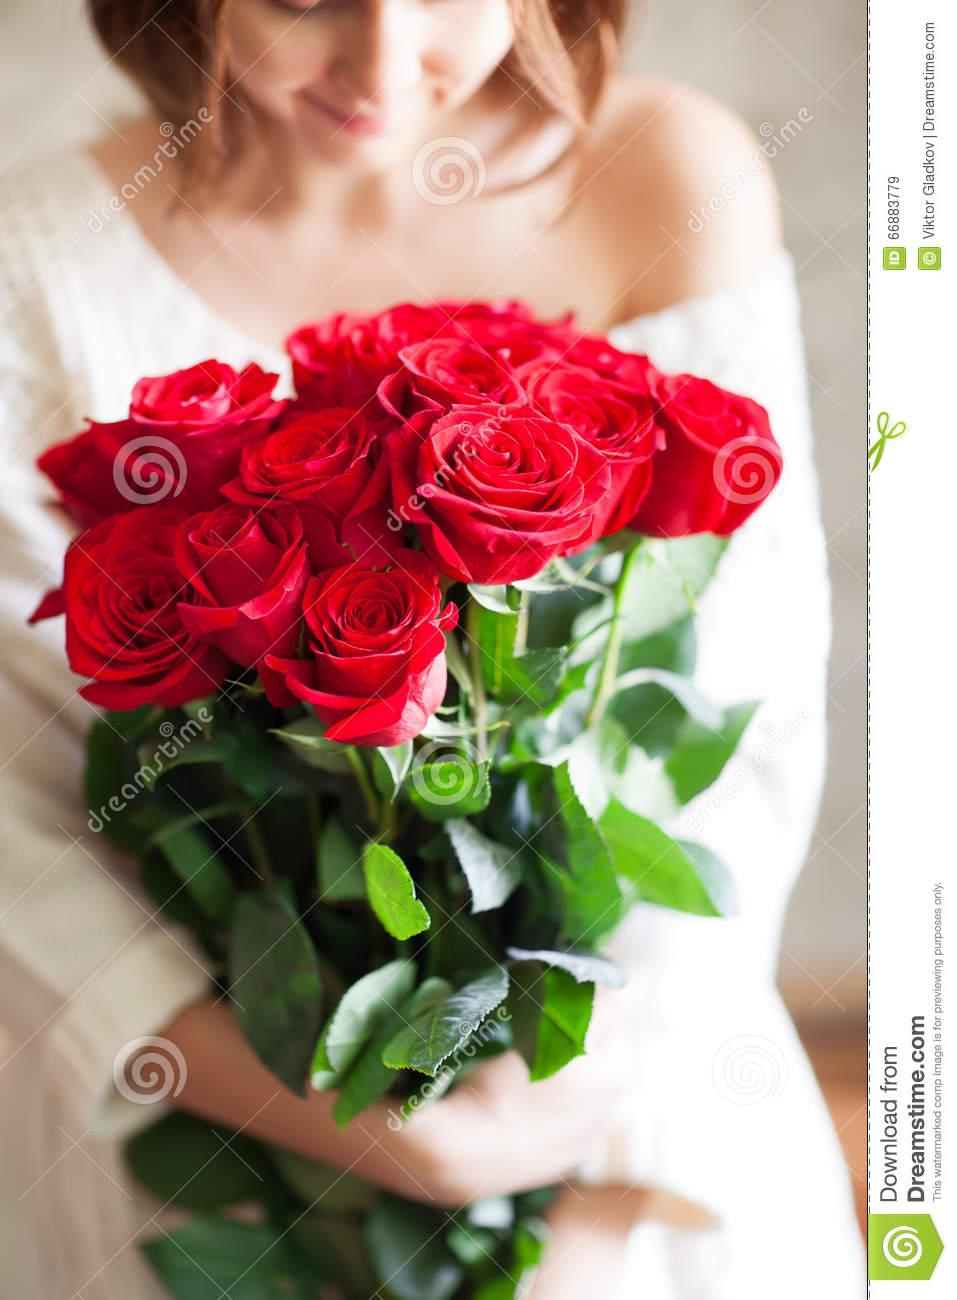 Девушка с букетом цветов в руках   красивые фото и картинки (40)